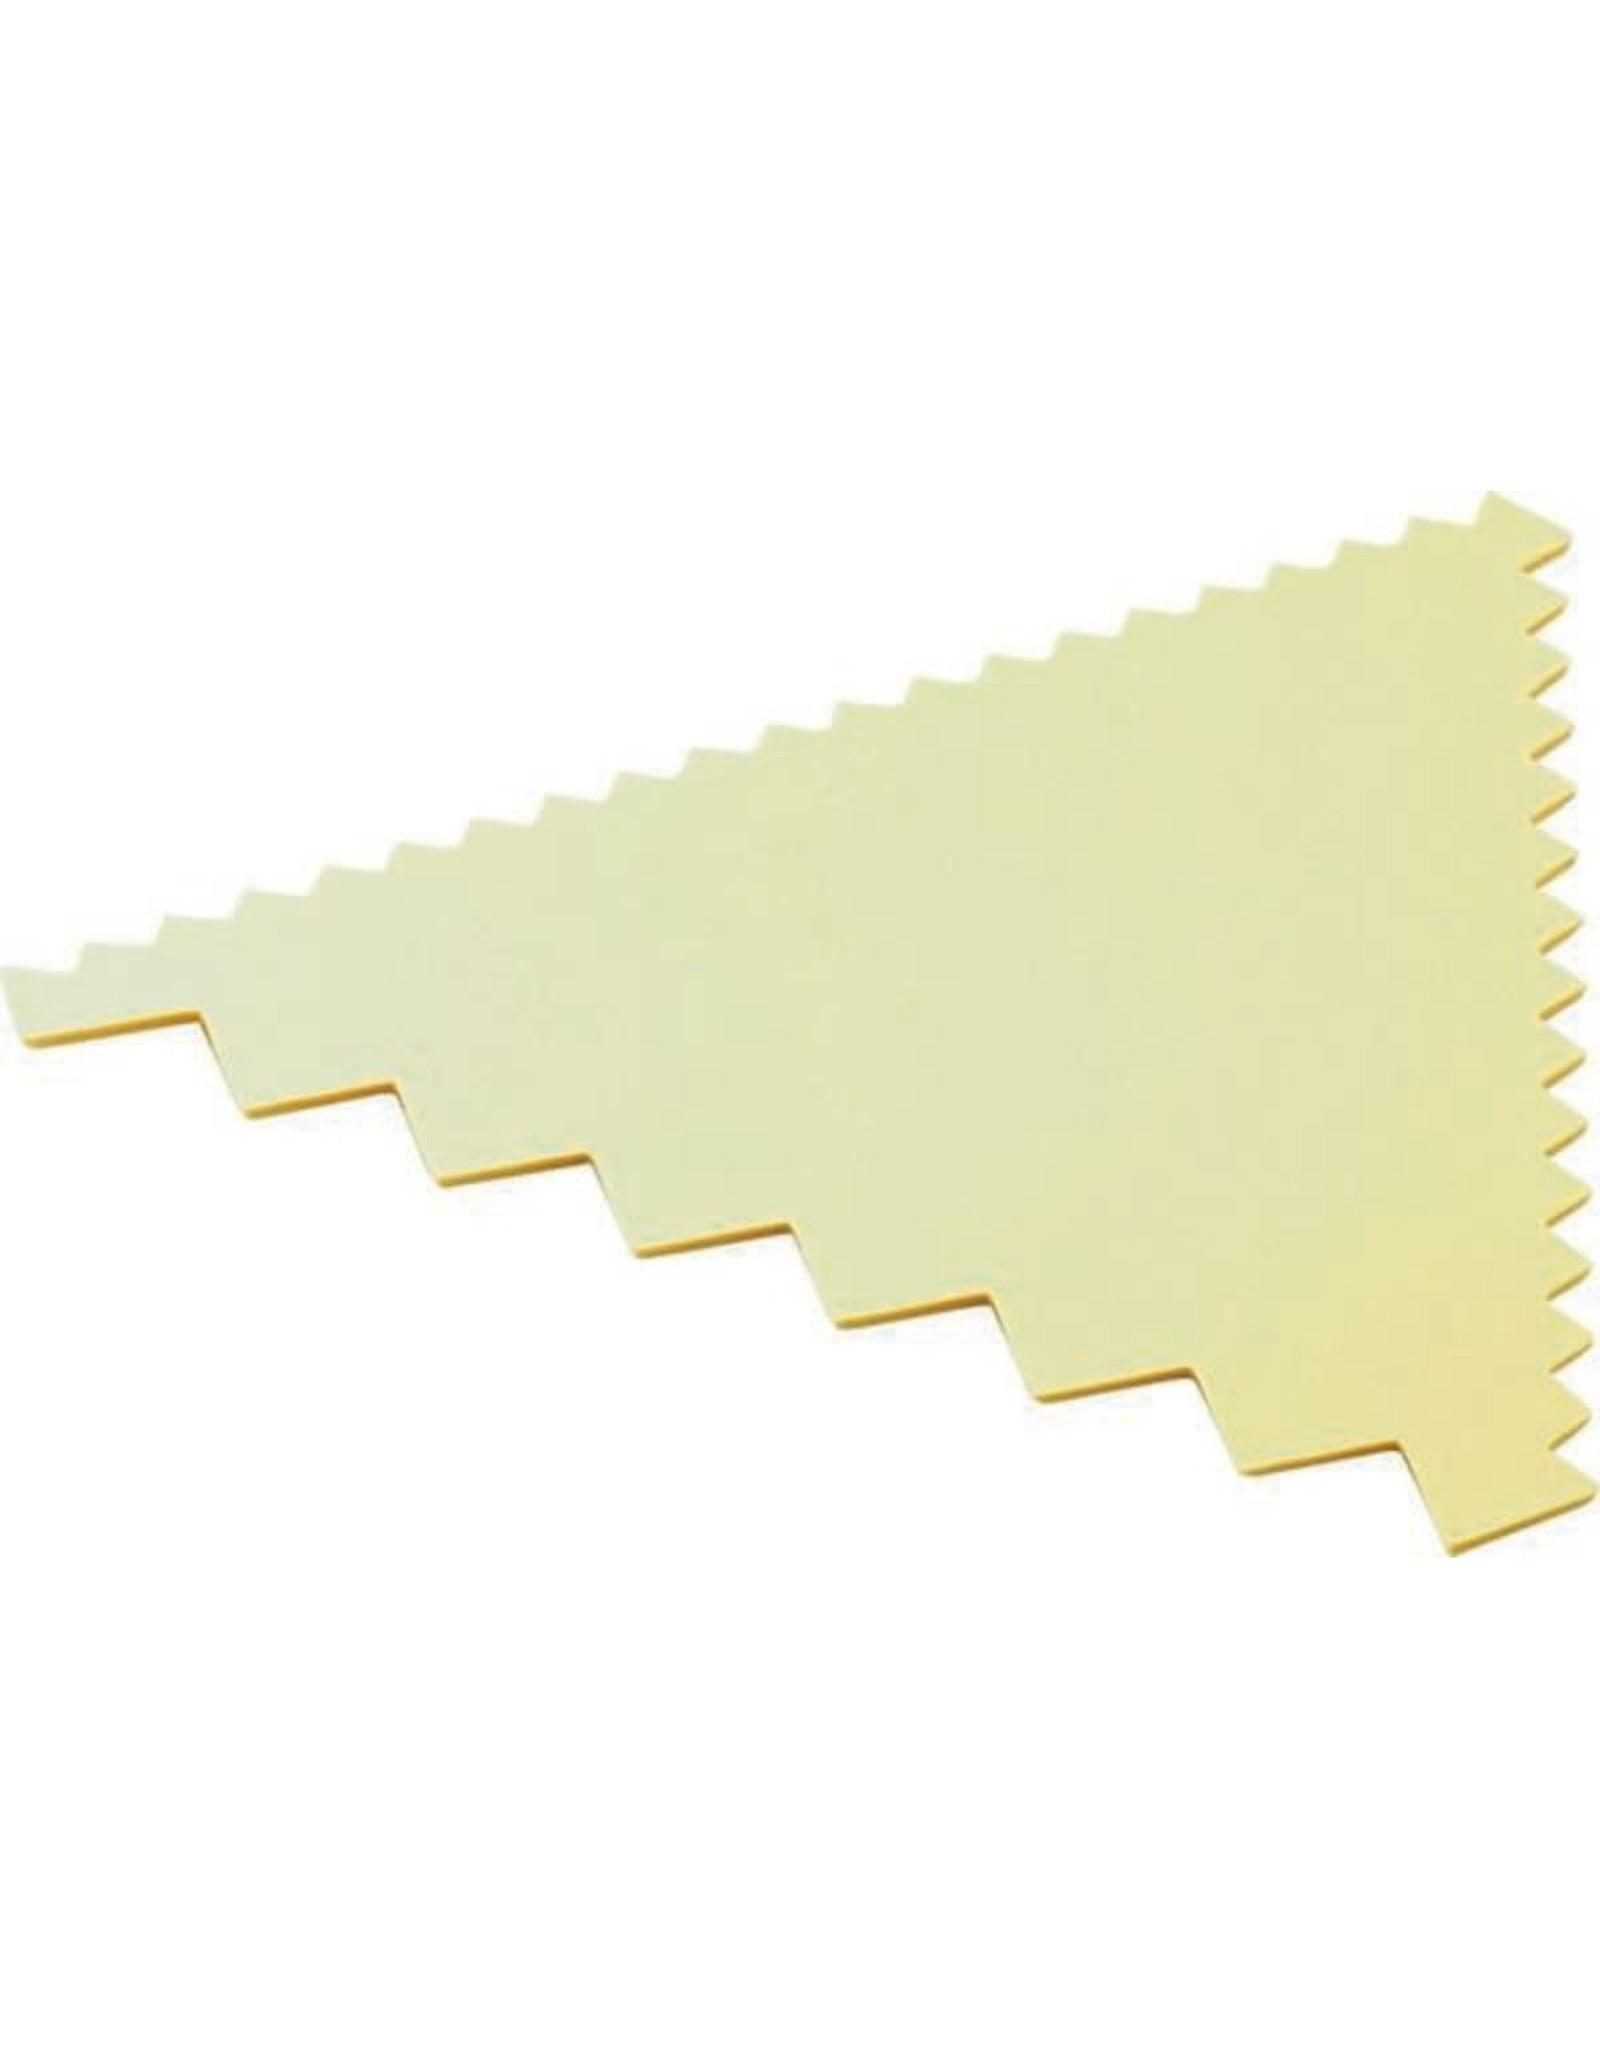 Koswa Deegkam 3-zijdig geel